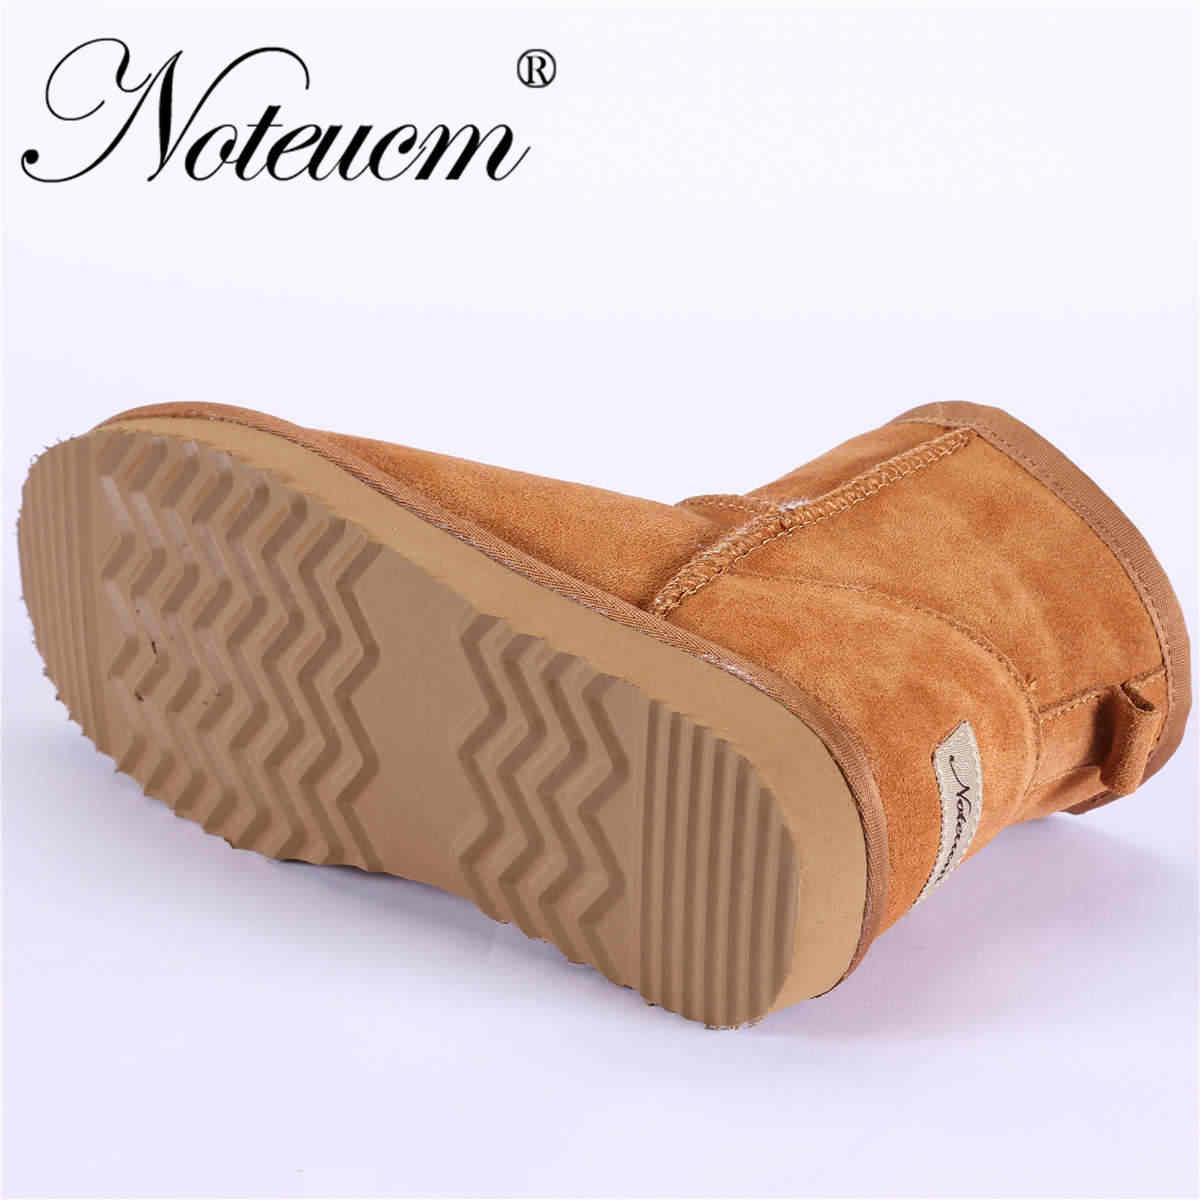 Couro genuíno do sexo feminino inverno peludo austrália sapato bezerro bota alta com forrado pele do falso botas de neve de pelúcia para mulher menina australiana